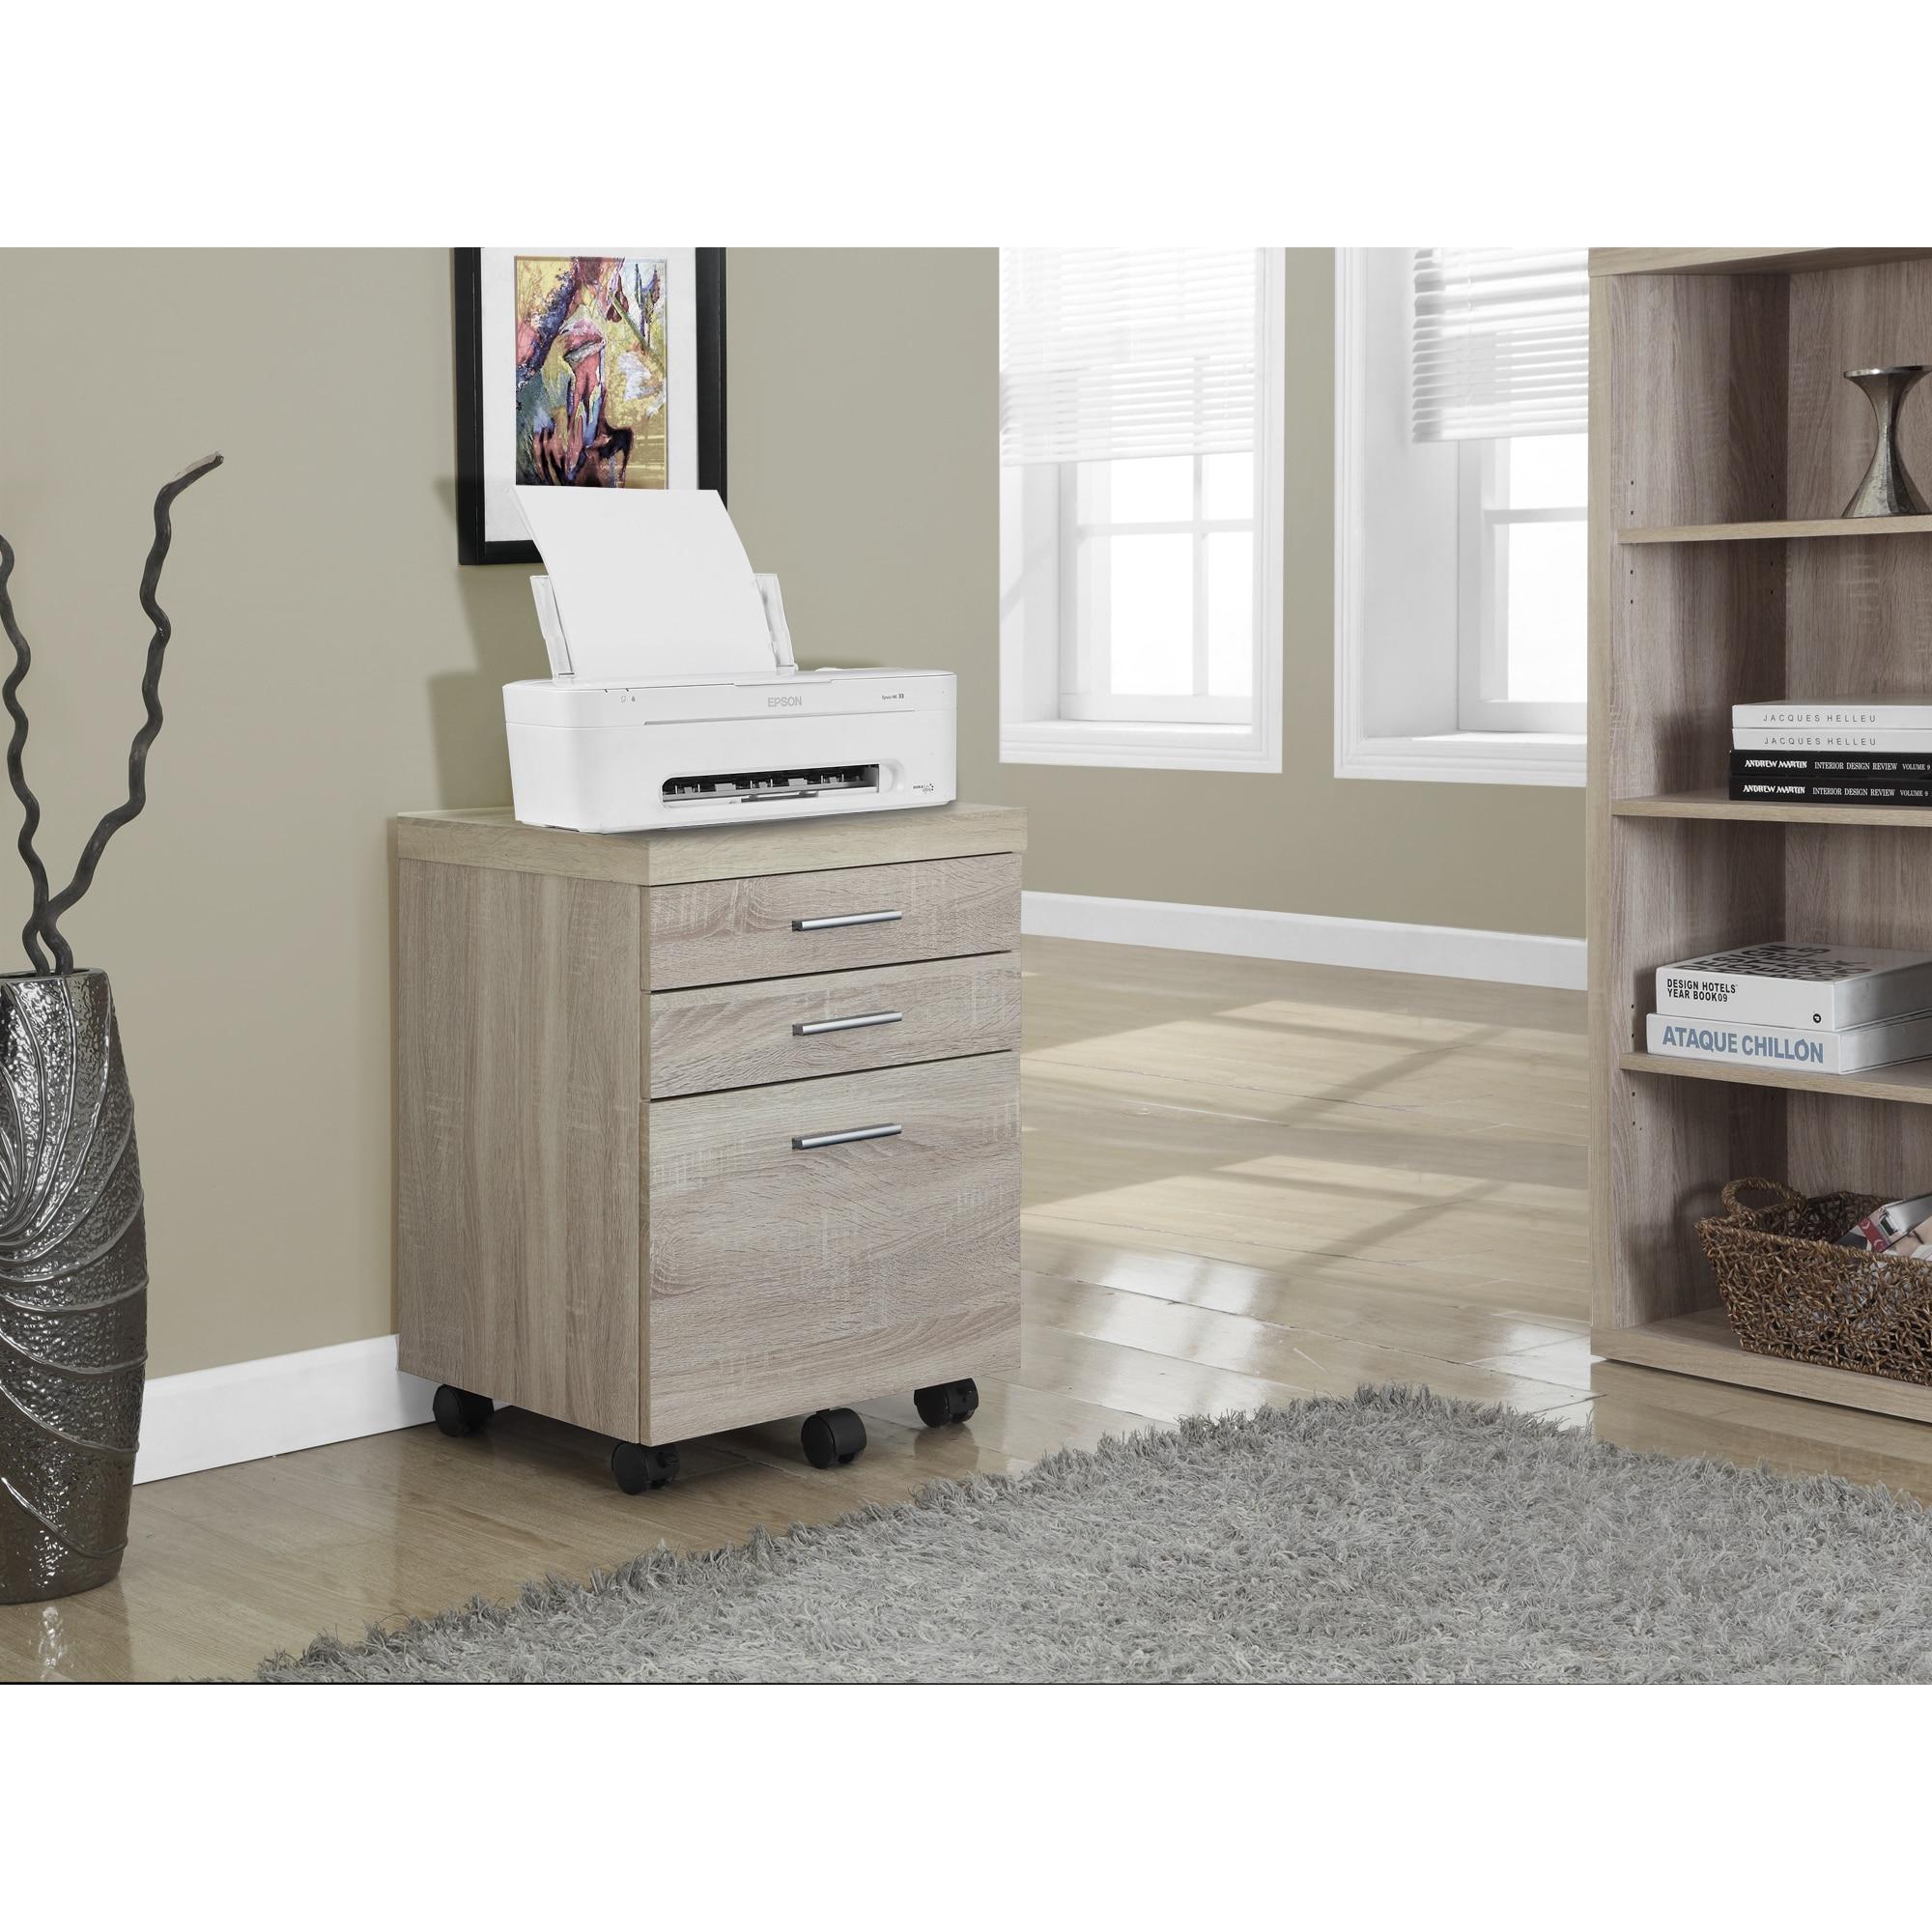 Havenside Home Bellport Natural 3-drawer Castor File Cabinet